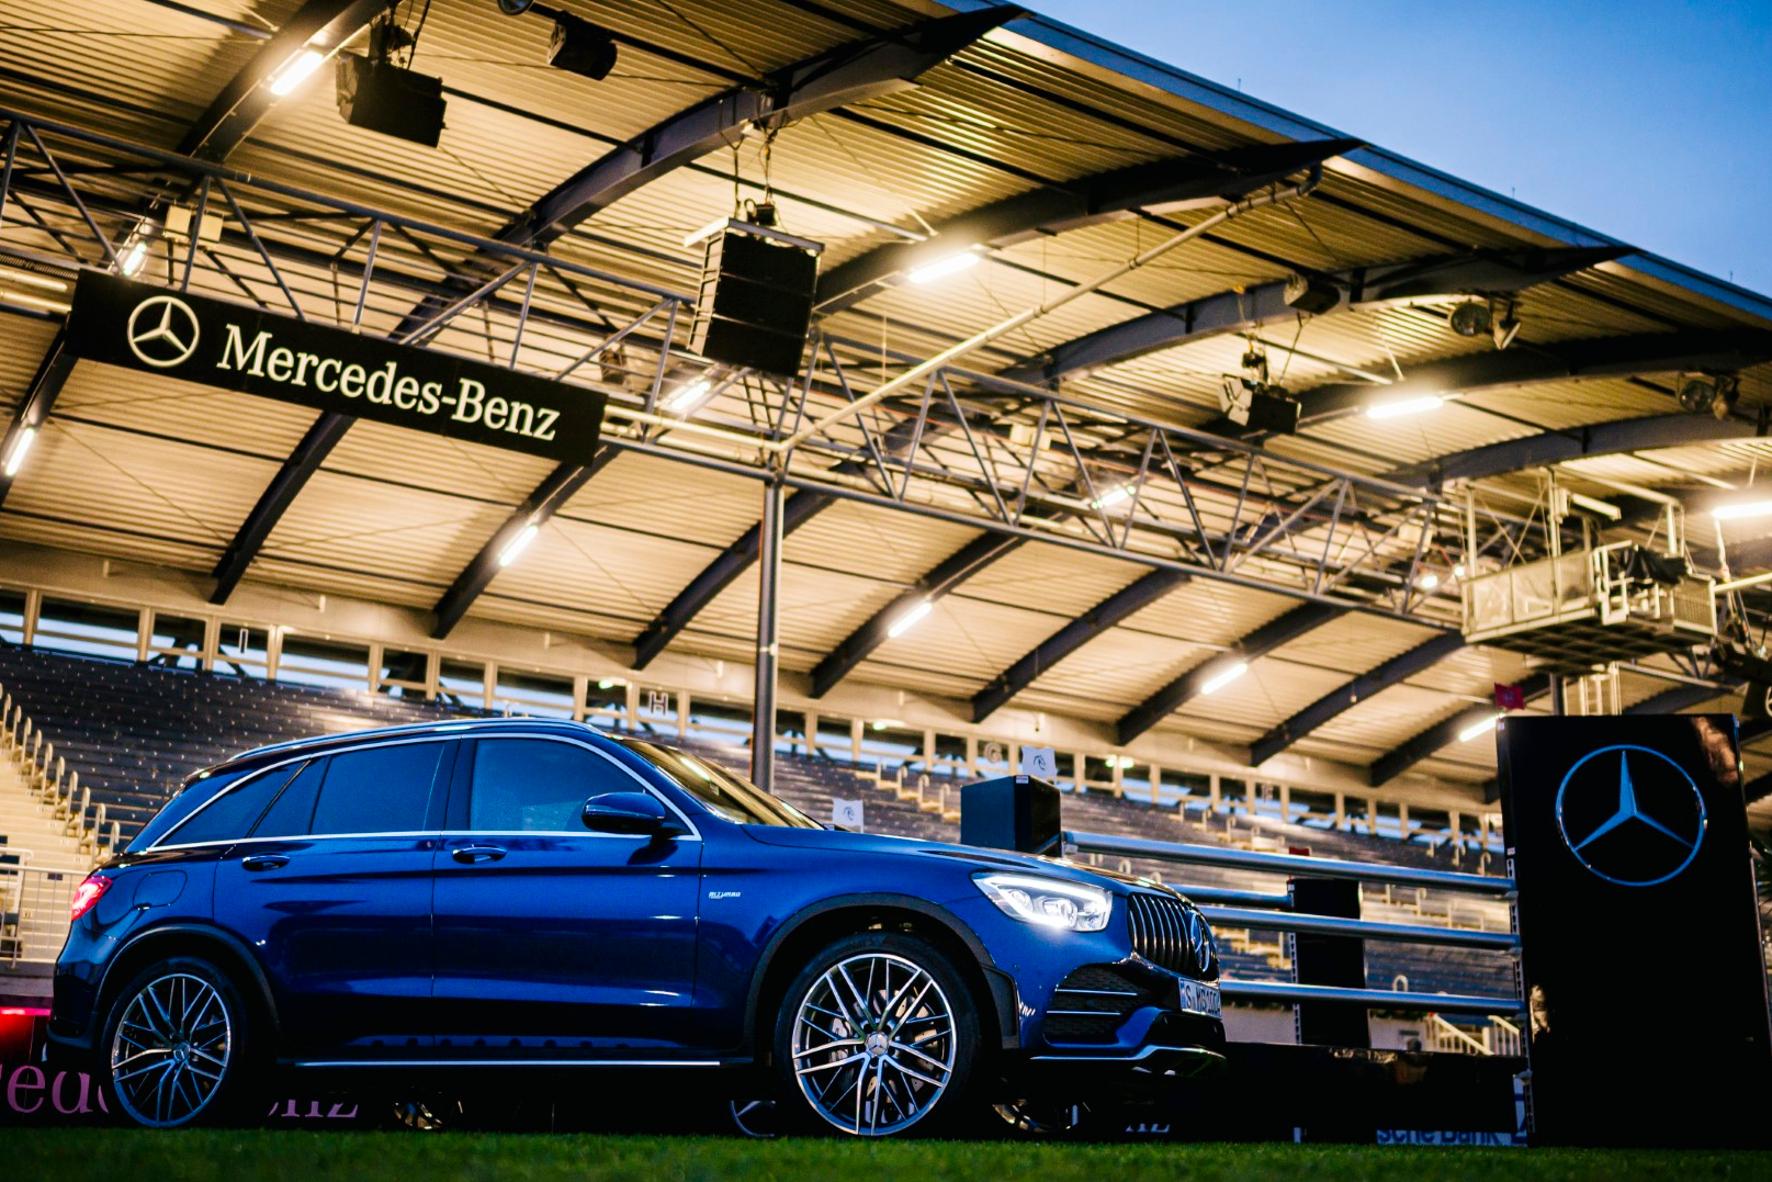 mid Groß-Gerau - Star im Reitstadion: der neue Mercedes-AMG GLC 43 4Matic. Daimler